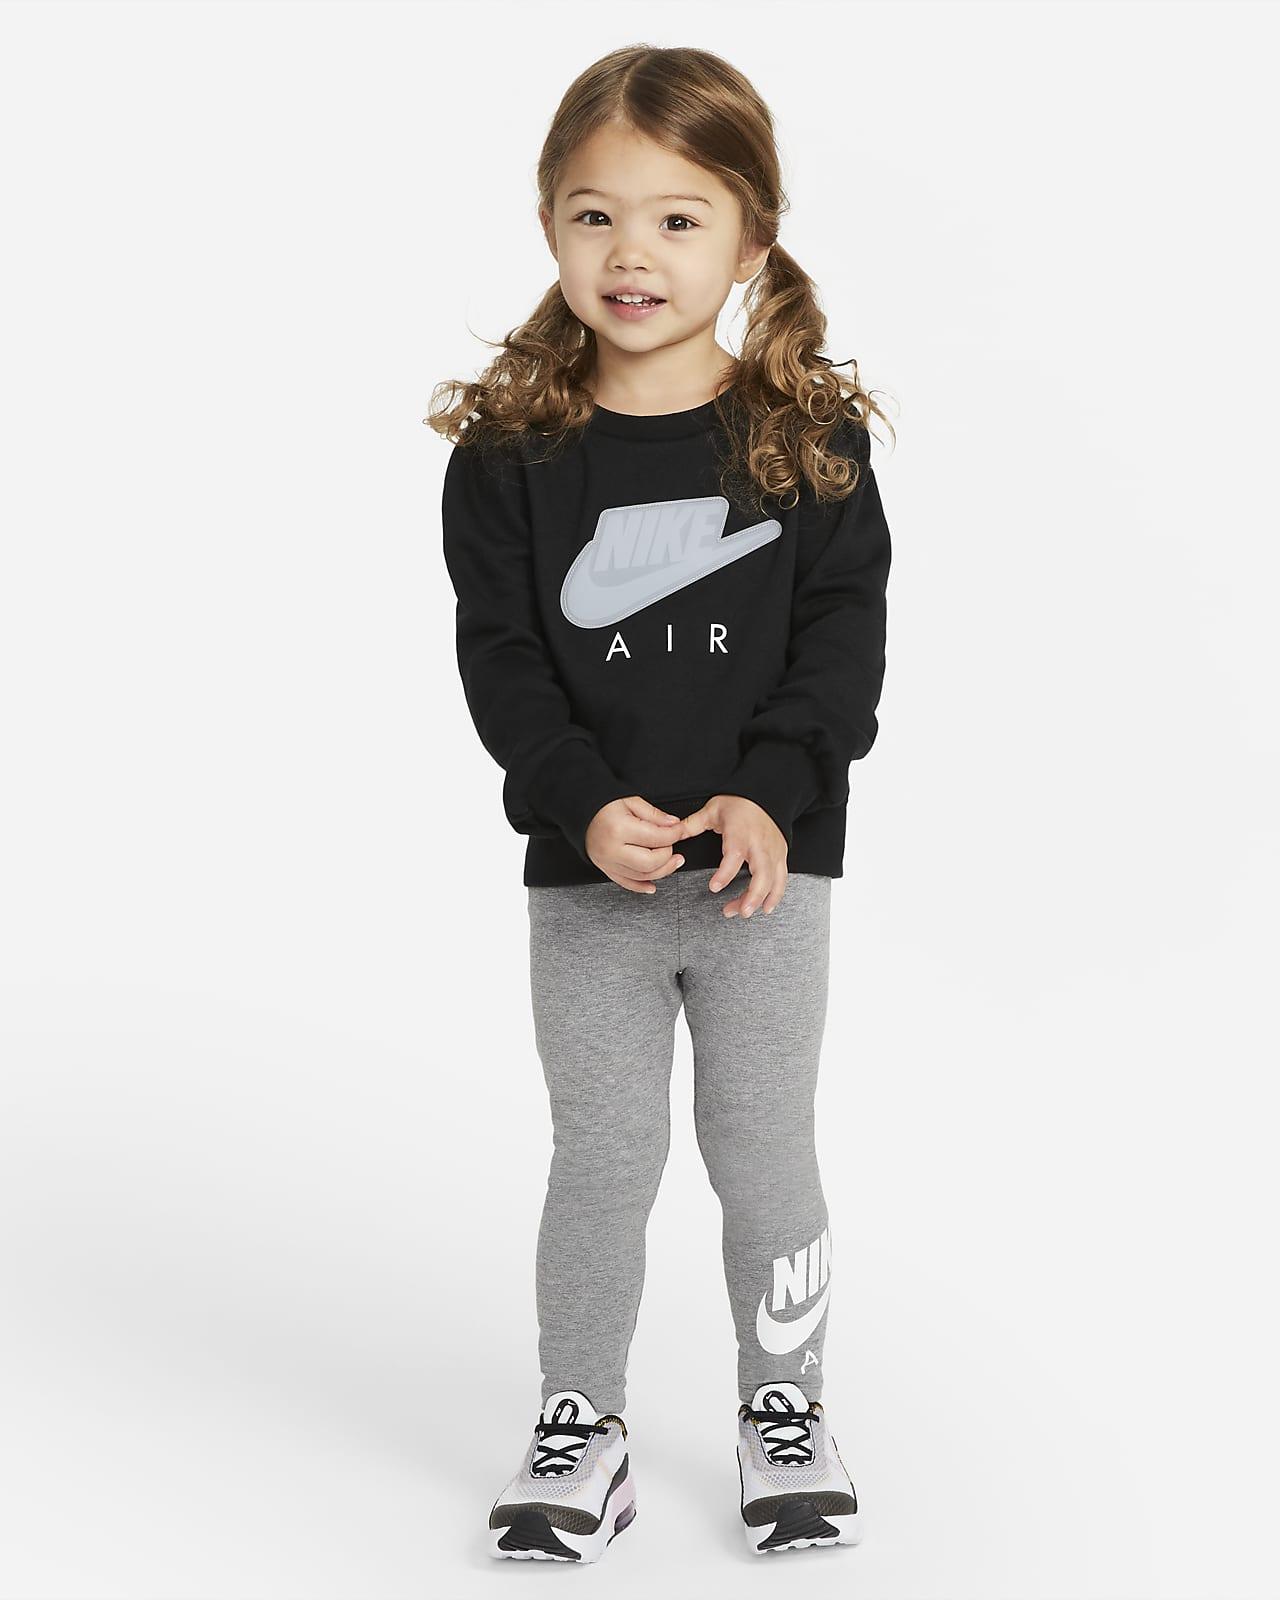 Nike Air Toddler Crew and Leggings Set